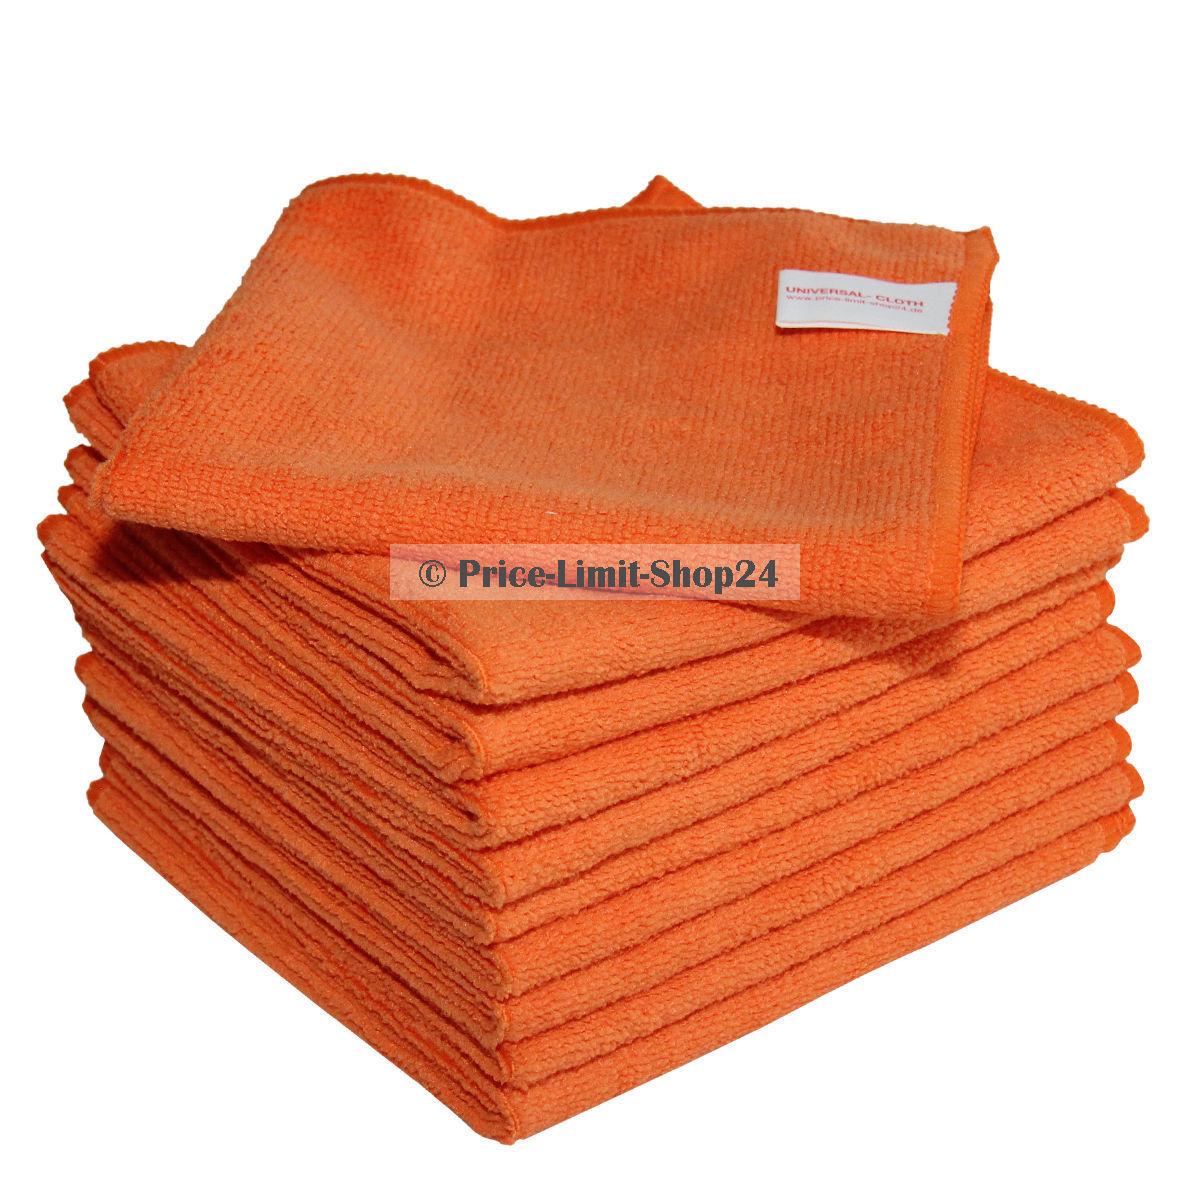 Microfaser Tücher Tuch Mikrofaser Poliertücher  Premium Universal Orange 300g m² | Ausgezeichneter Wert  | New Style